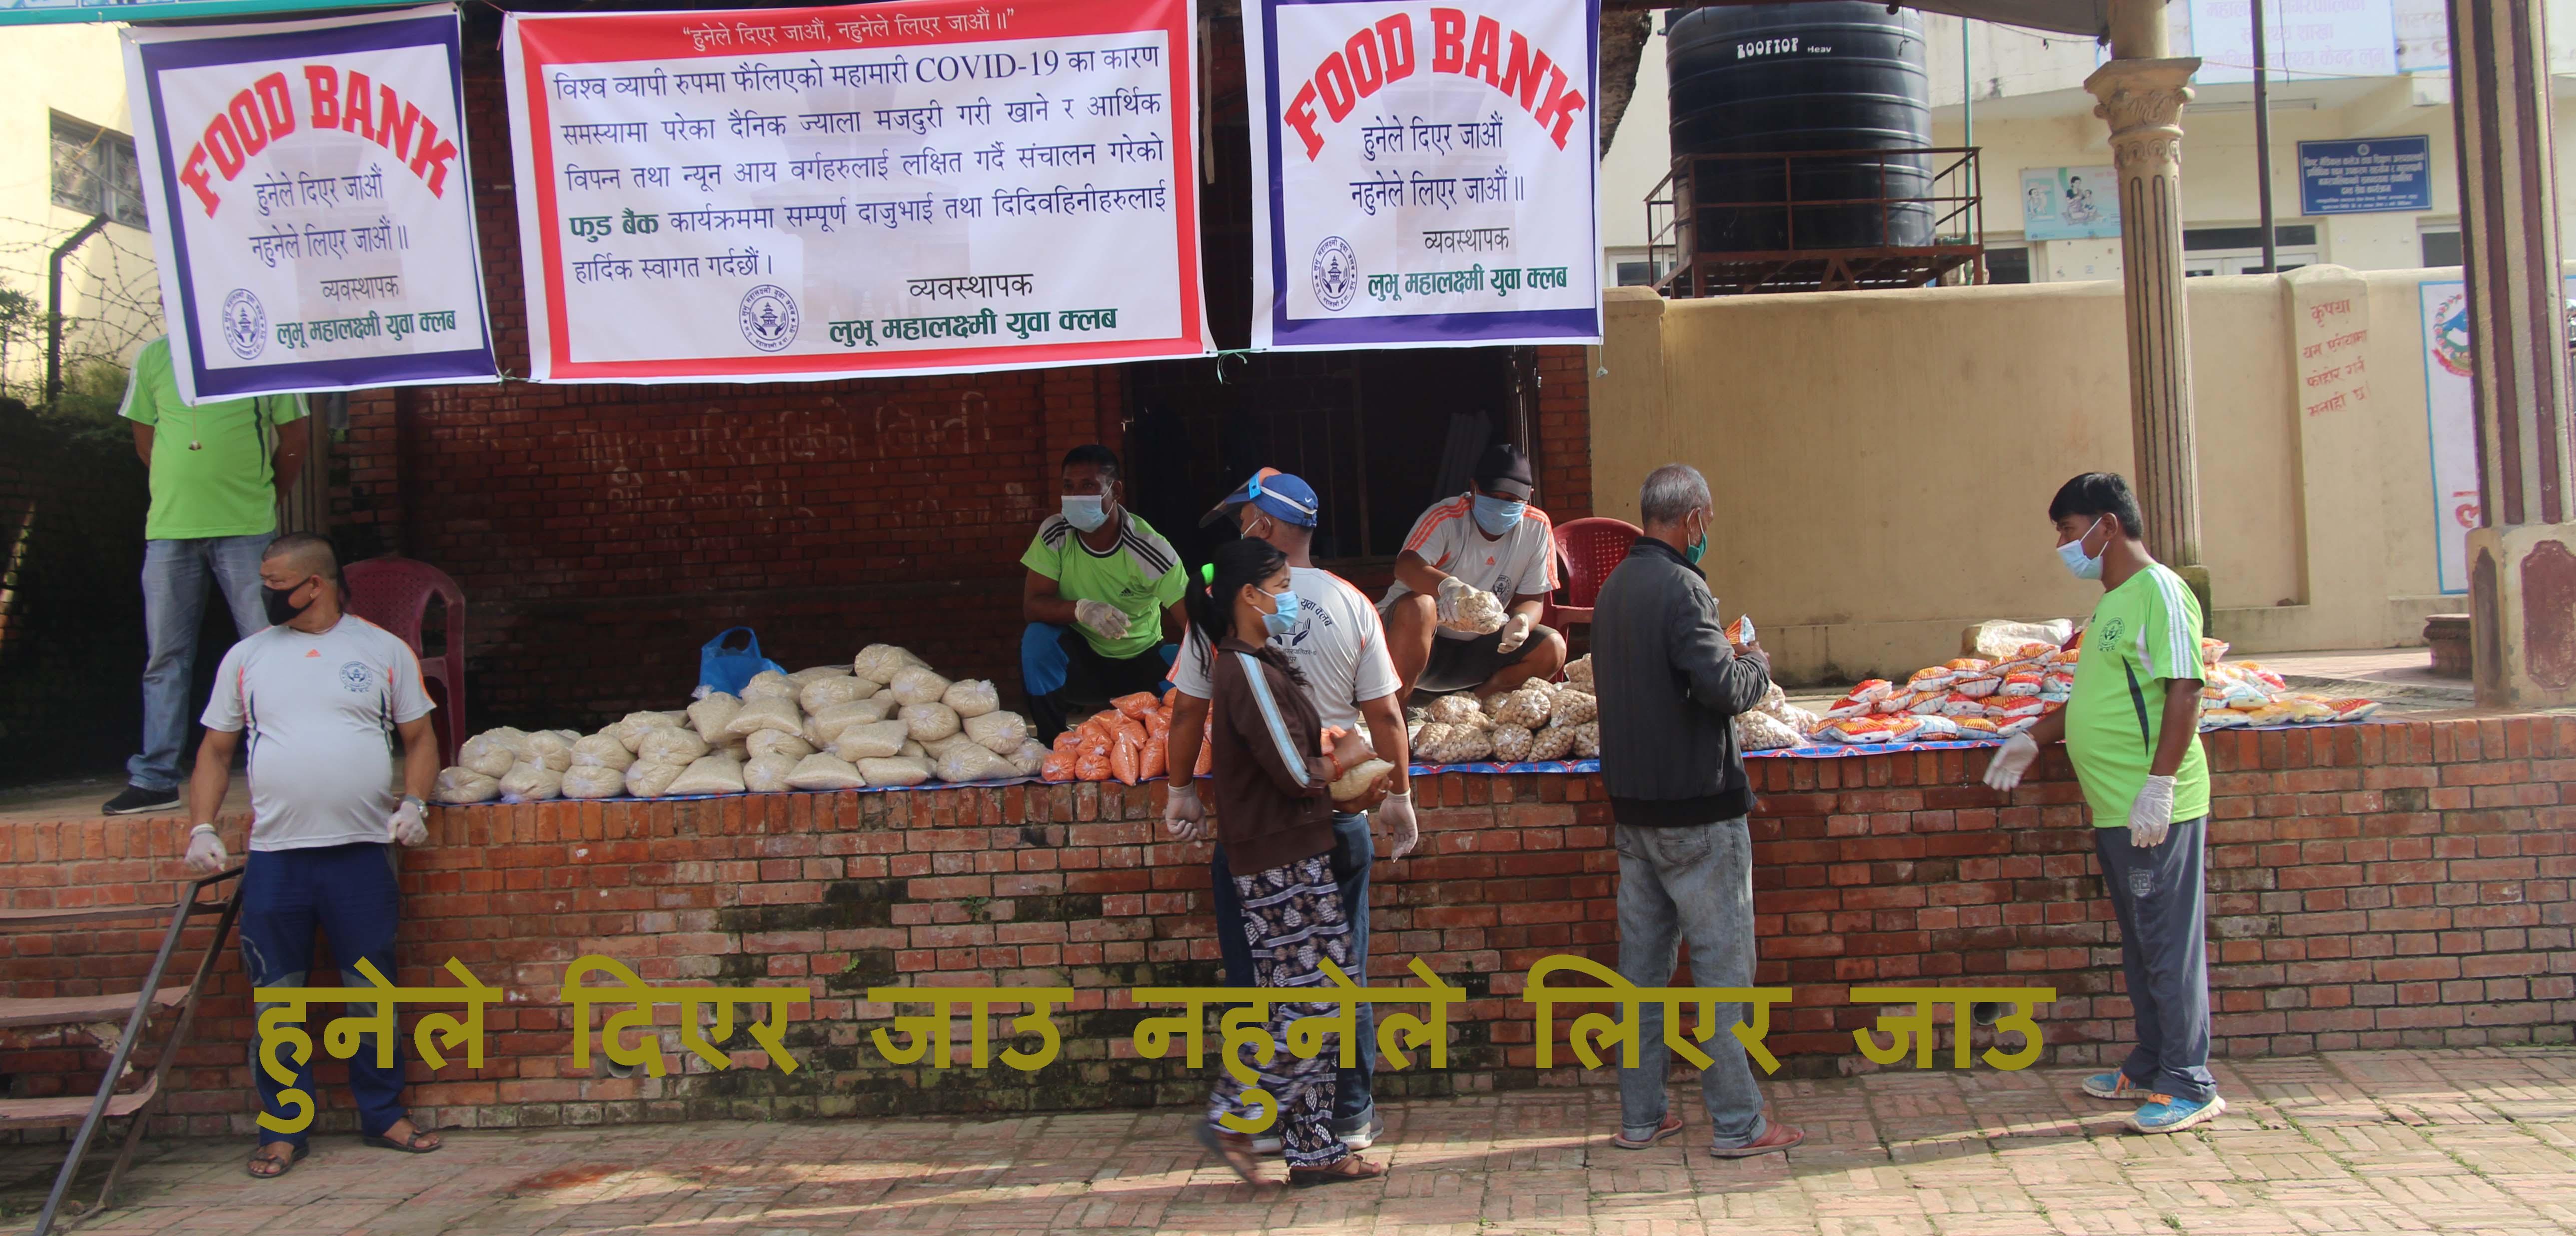 महालक्ष्मी नगरपालिकामा पनि लुभु महालक्ष्मी युवा क्लबद्वारा फुड बैंक सञ्चालन